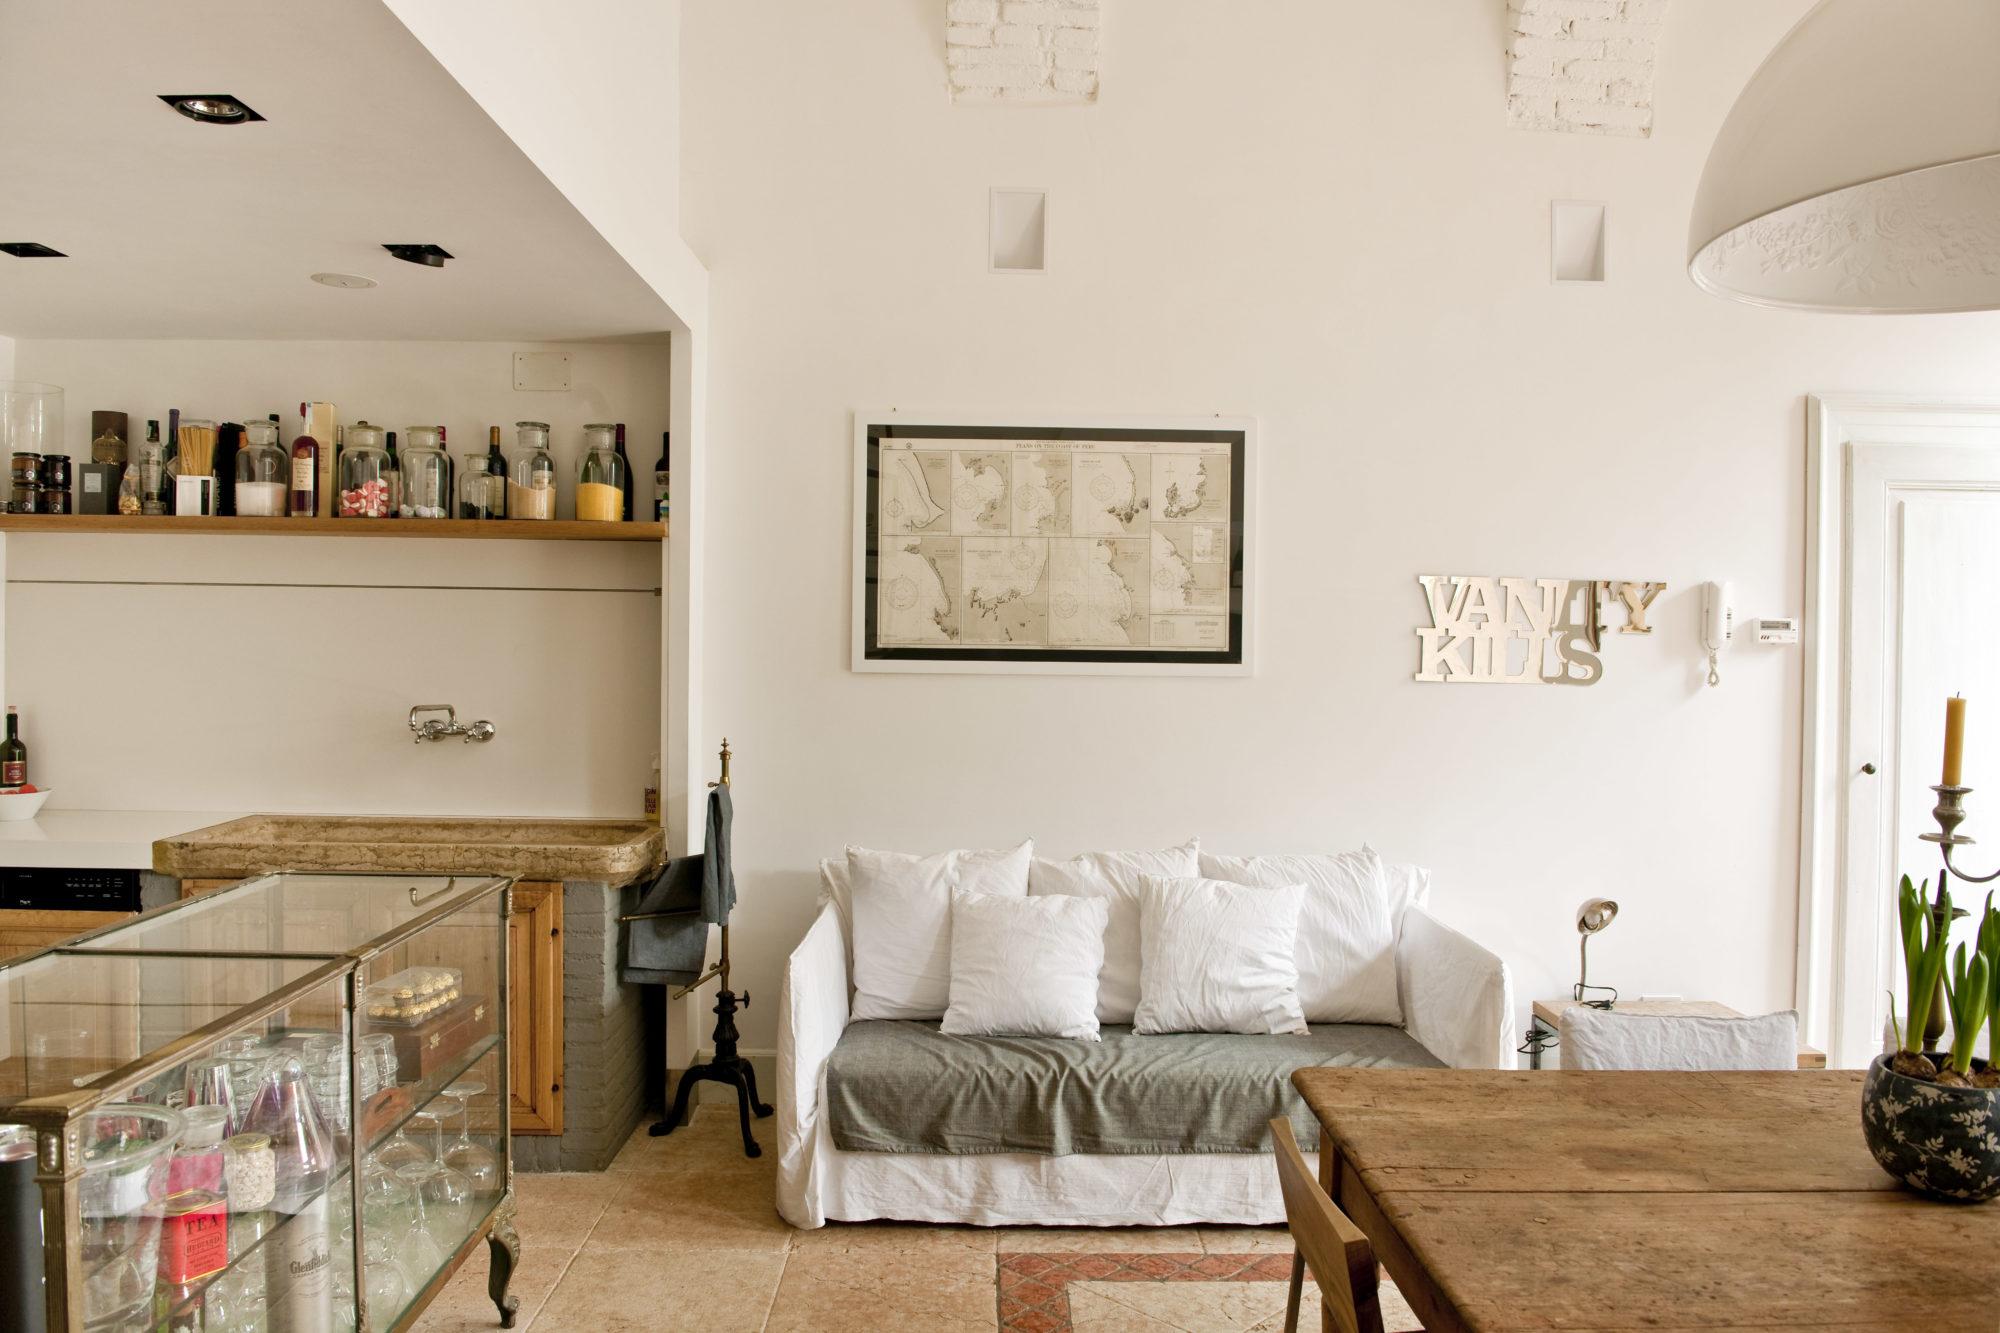 Casa di campagna fotografo brescia ottavio tomasini for Immagini di arredamento casa